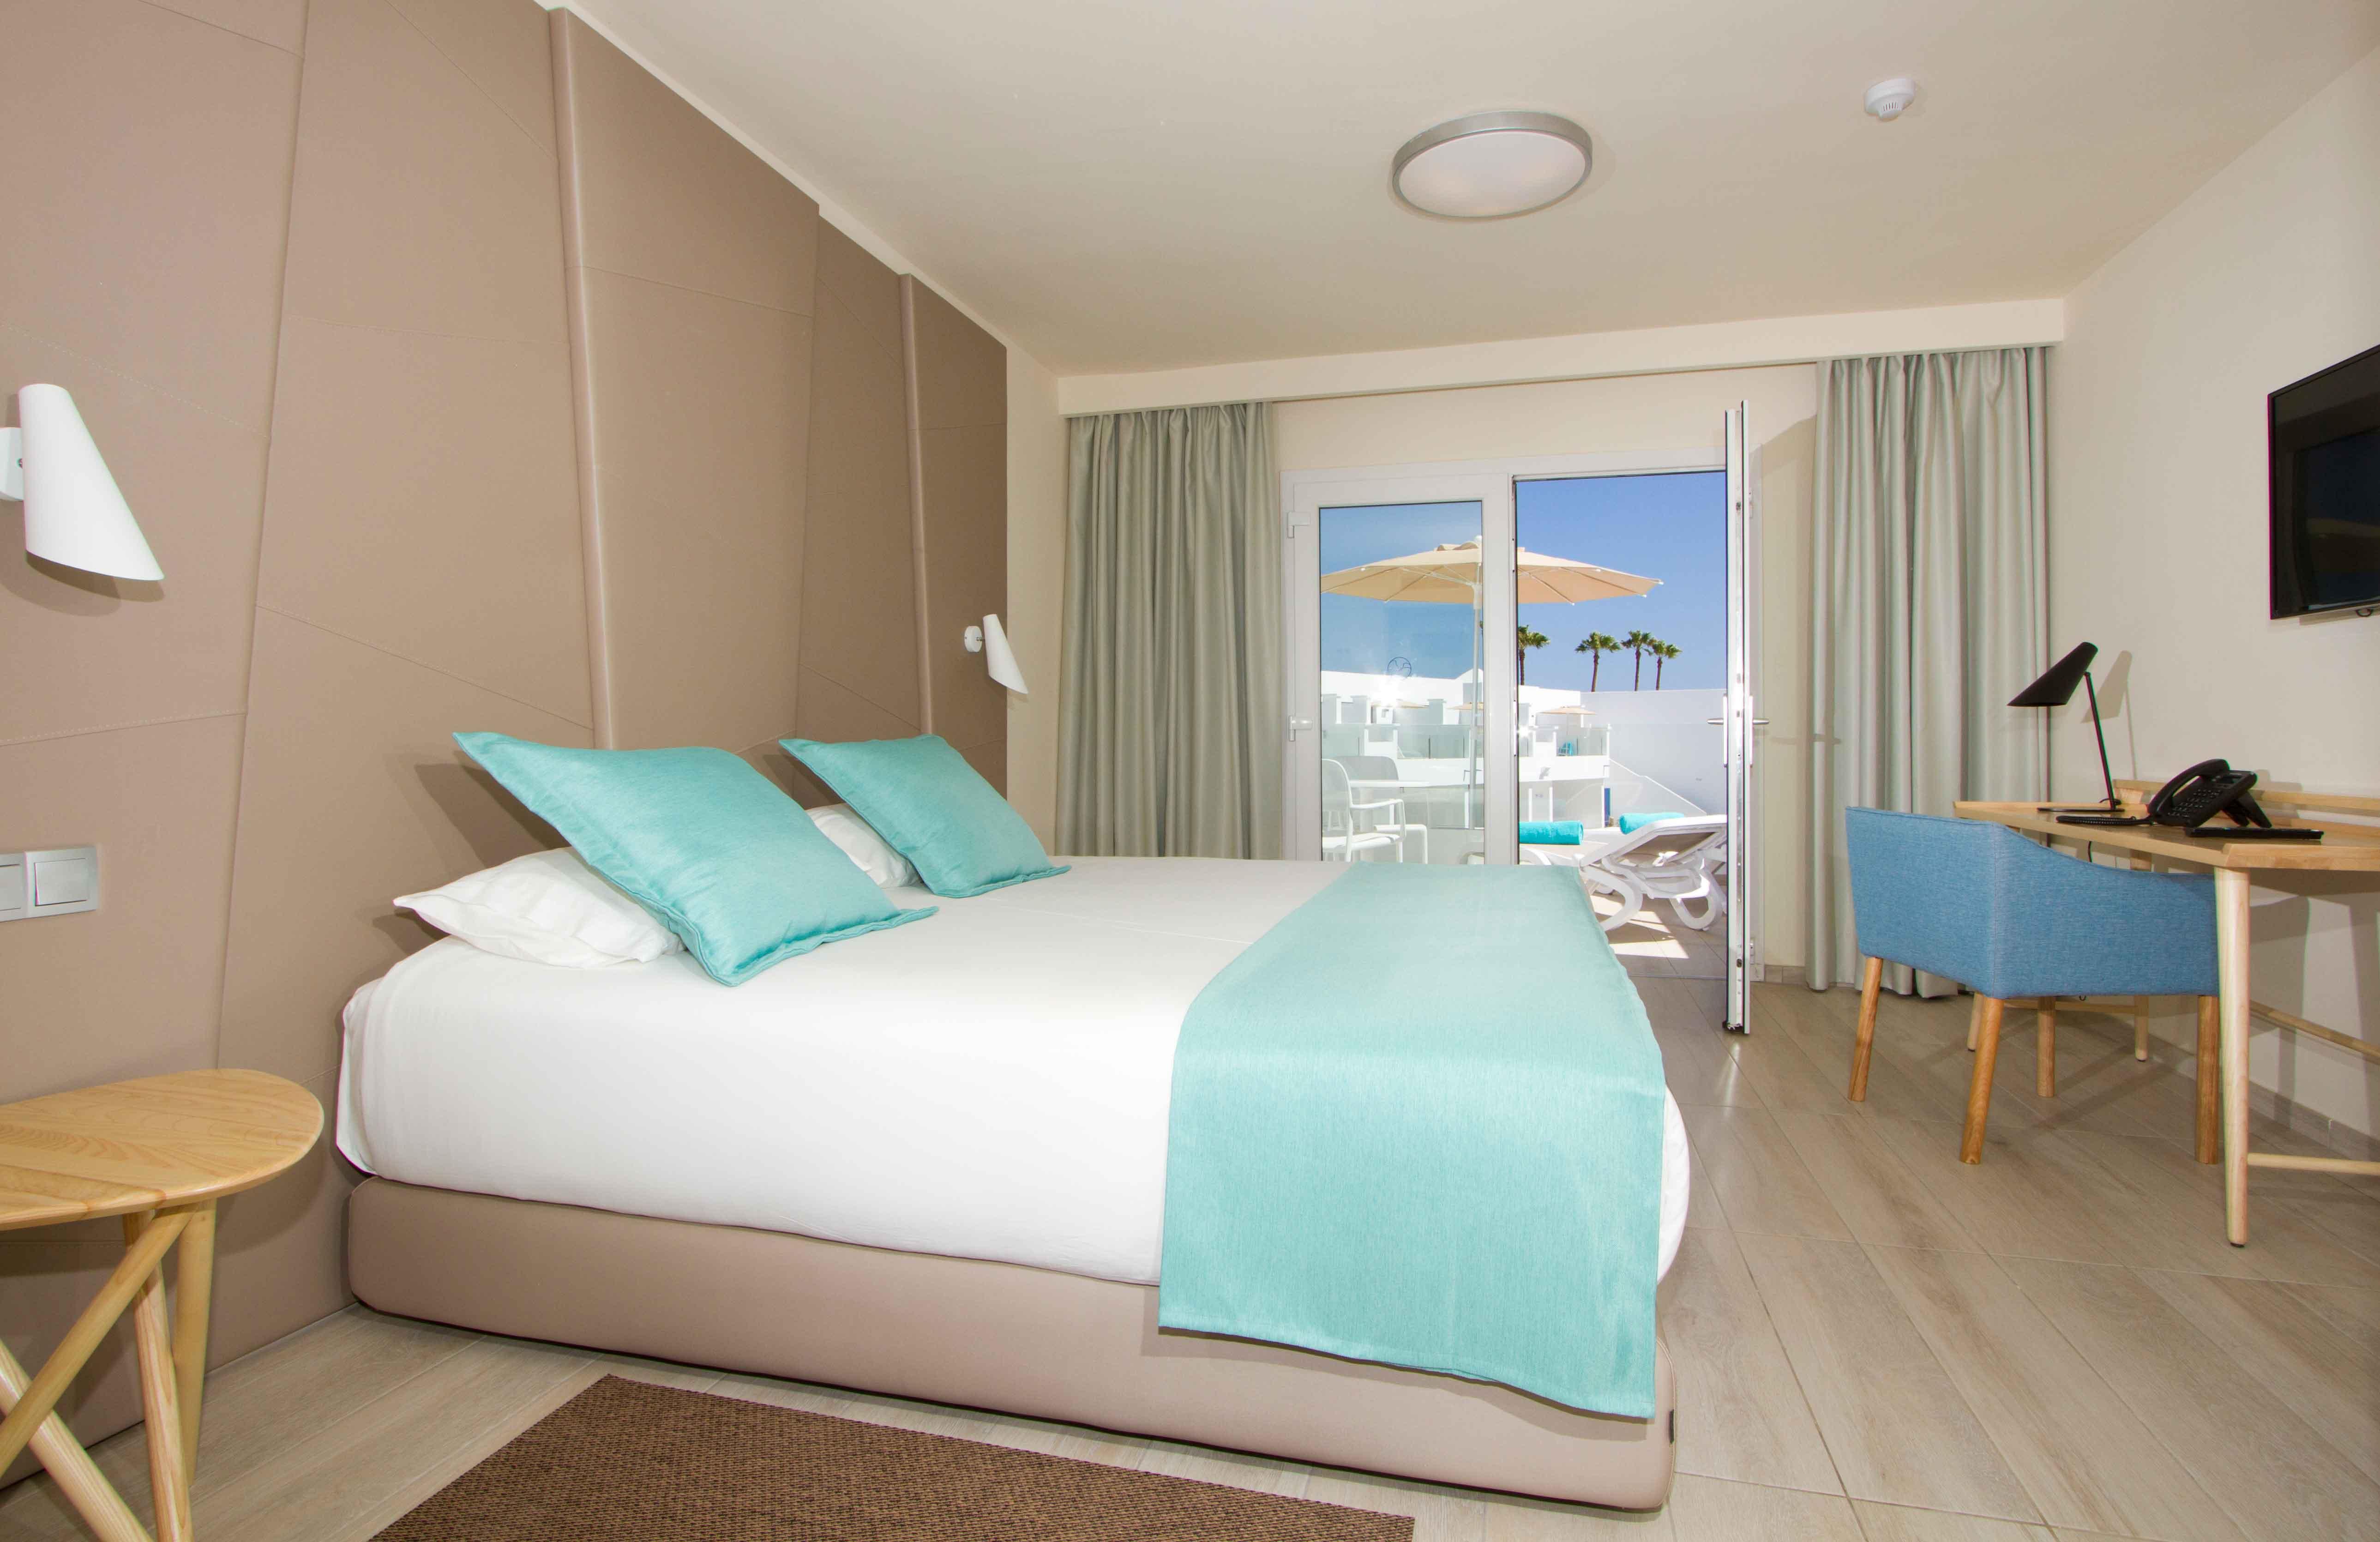 Mobiliario contract para dormitorio de hotel Aqua Suites en Lanzarote